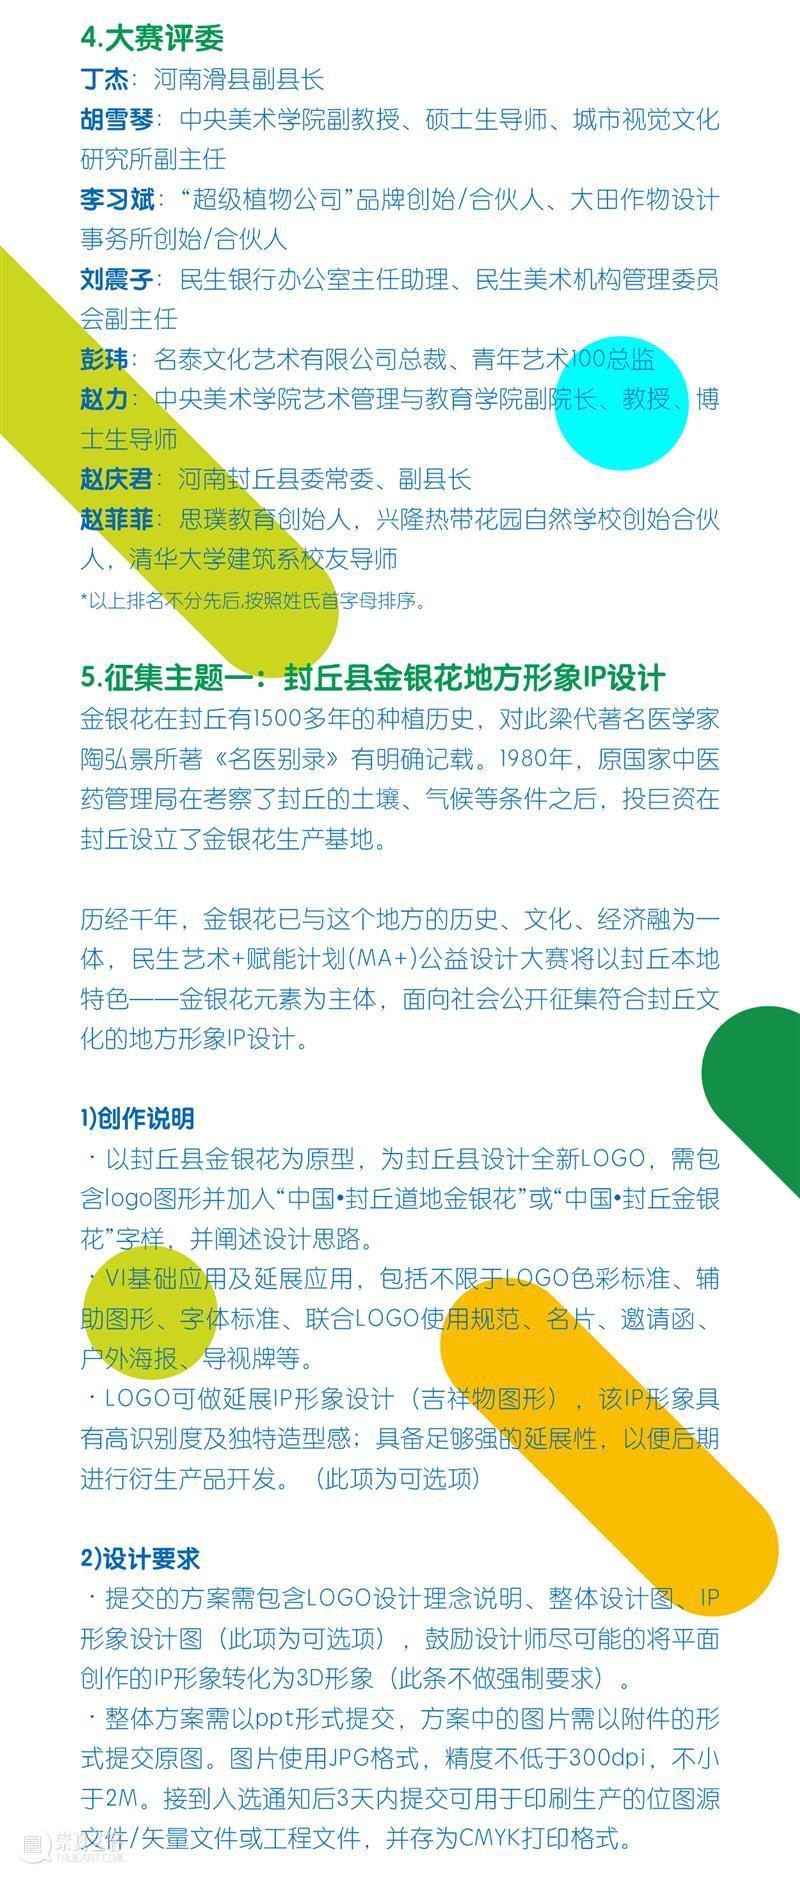 延期公告 | 民生艺术+赋能计划(MA+)公益设计大赛报名延期至1月14日 崇真艺客